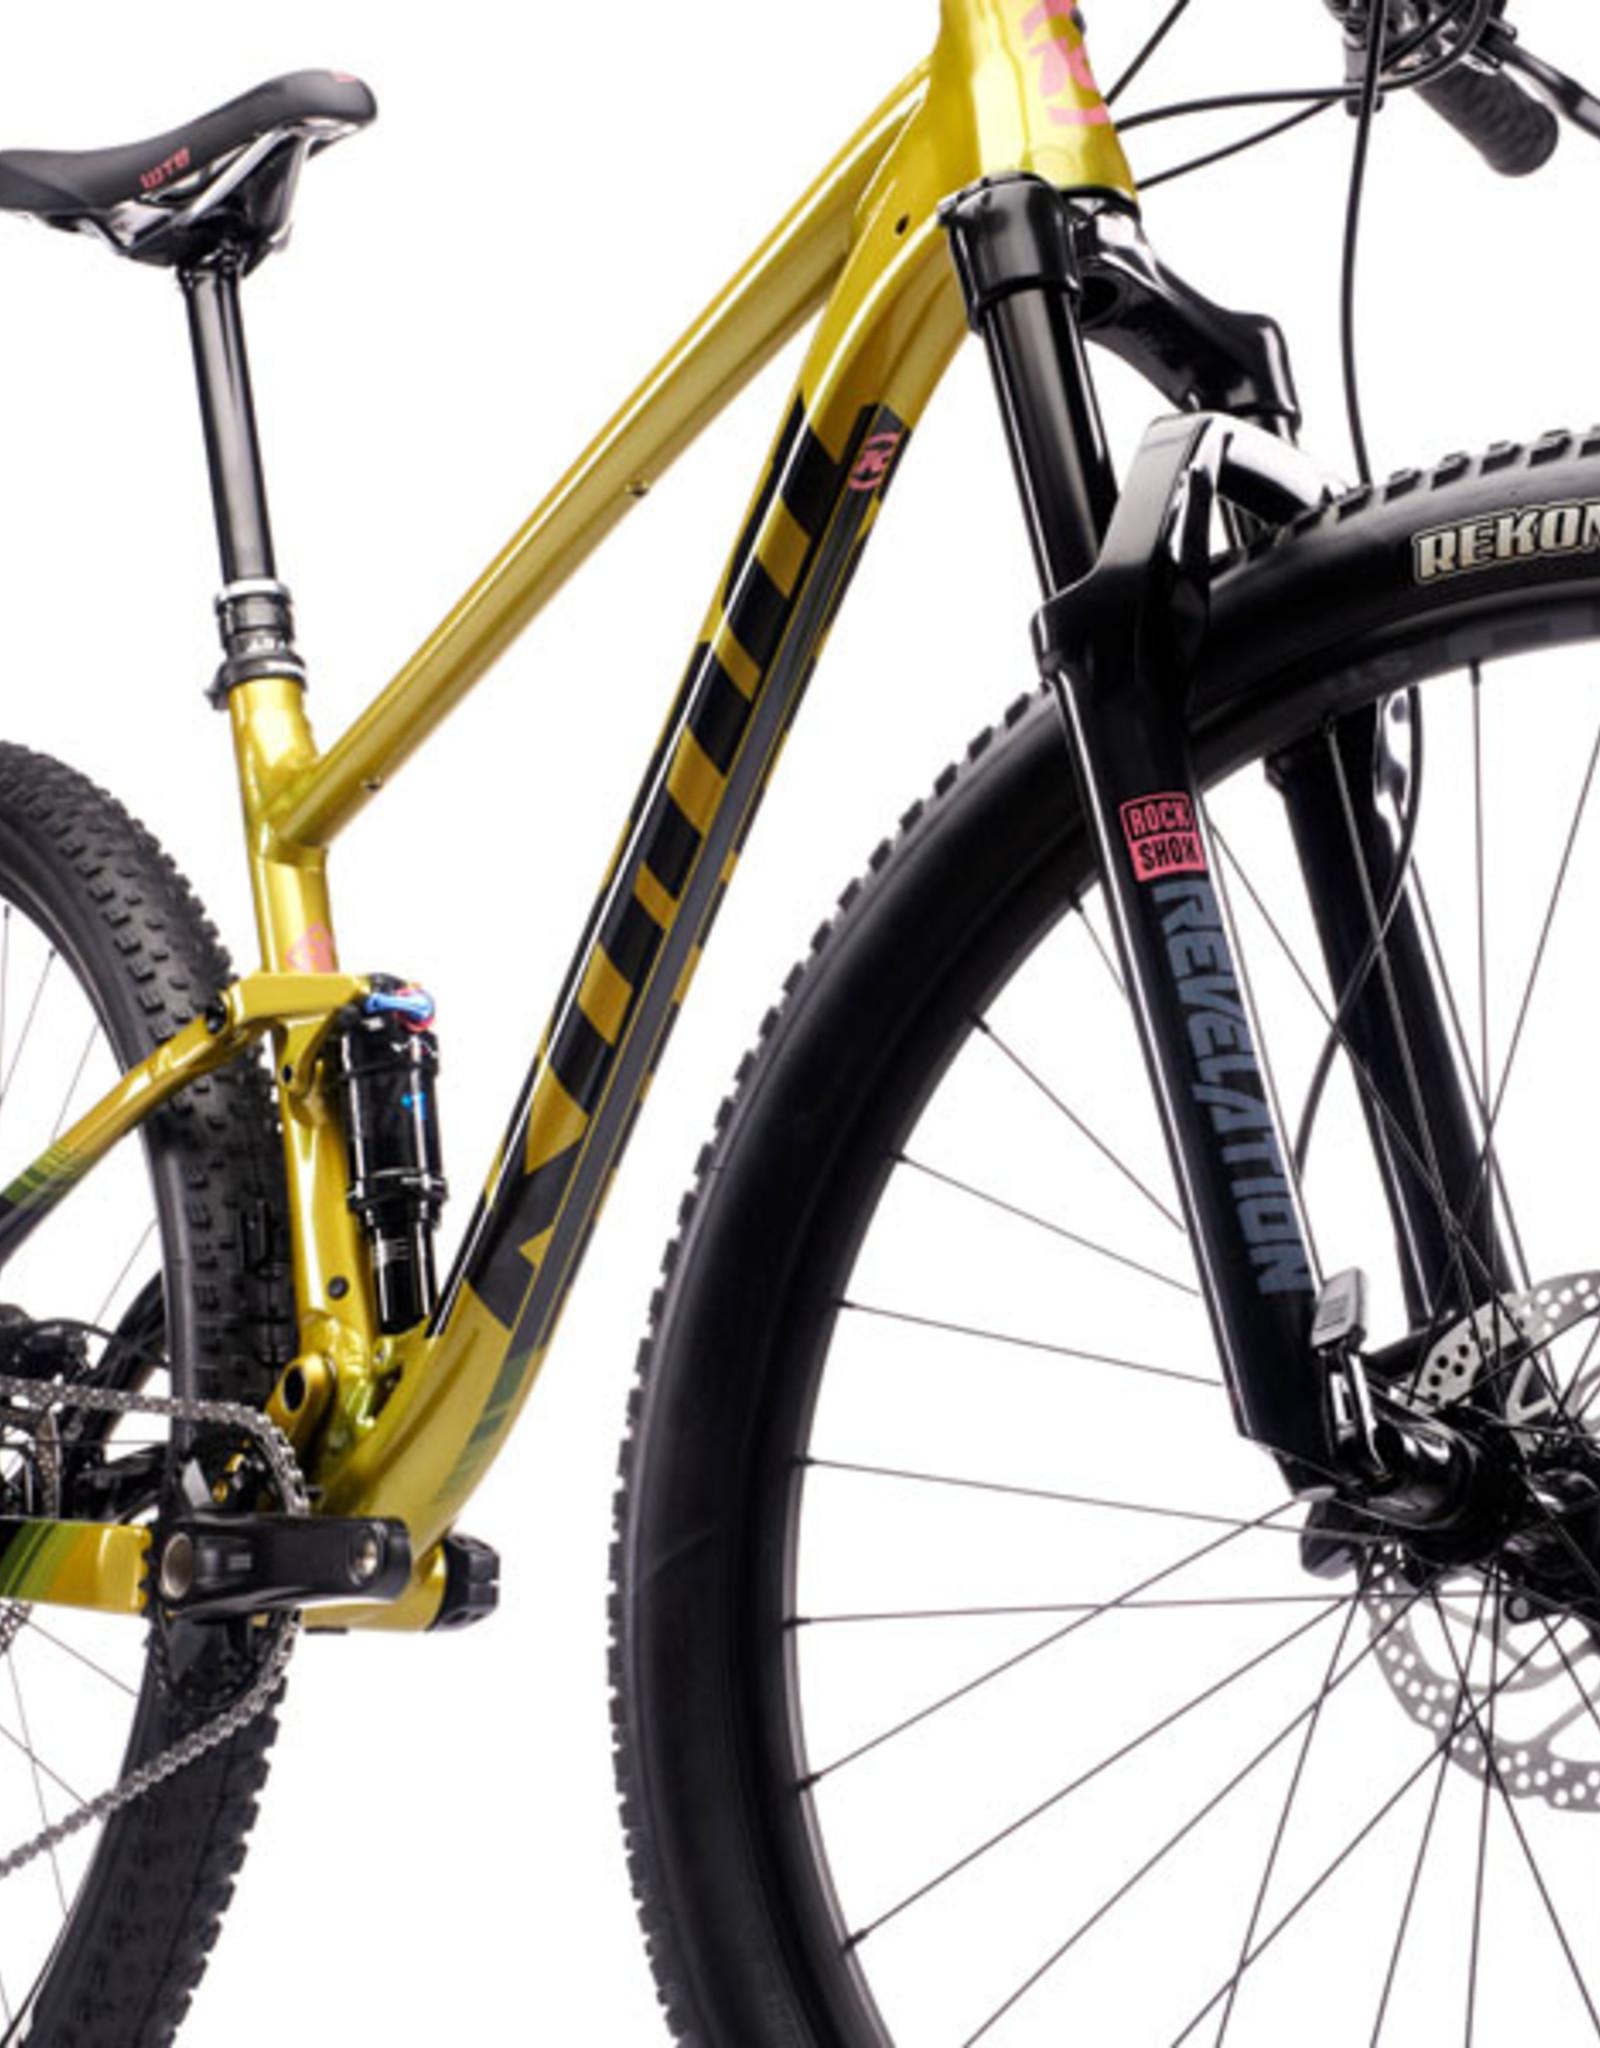 KONA Kona Hei Hei 2021 Bicycle Metallic Olive LG